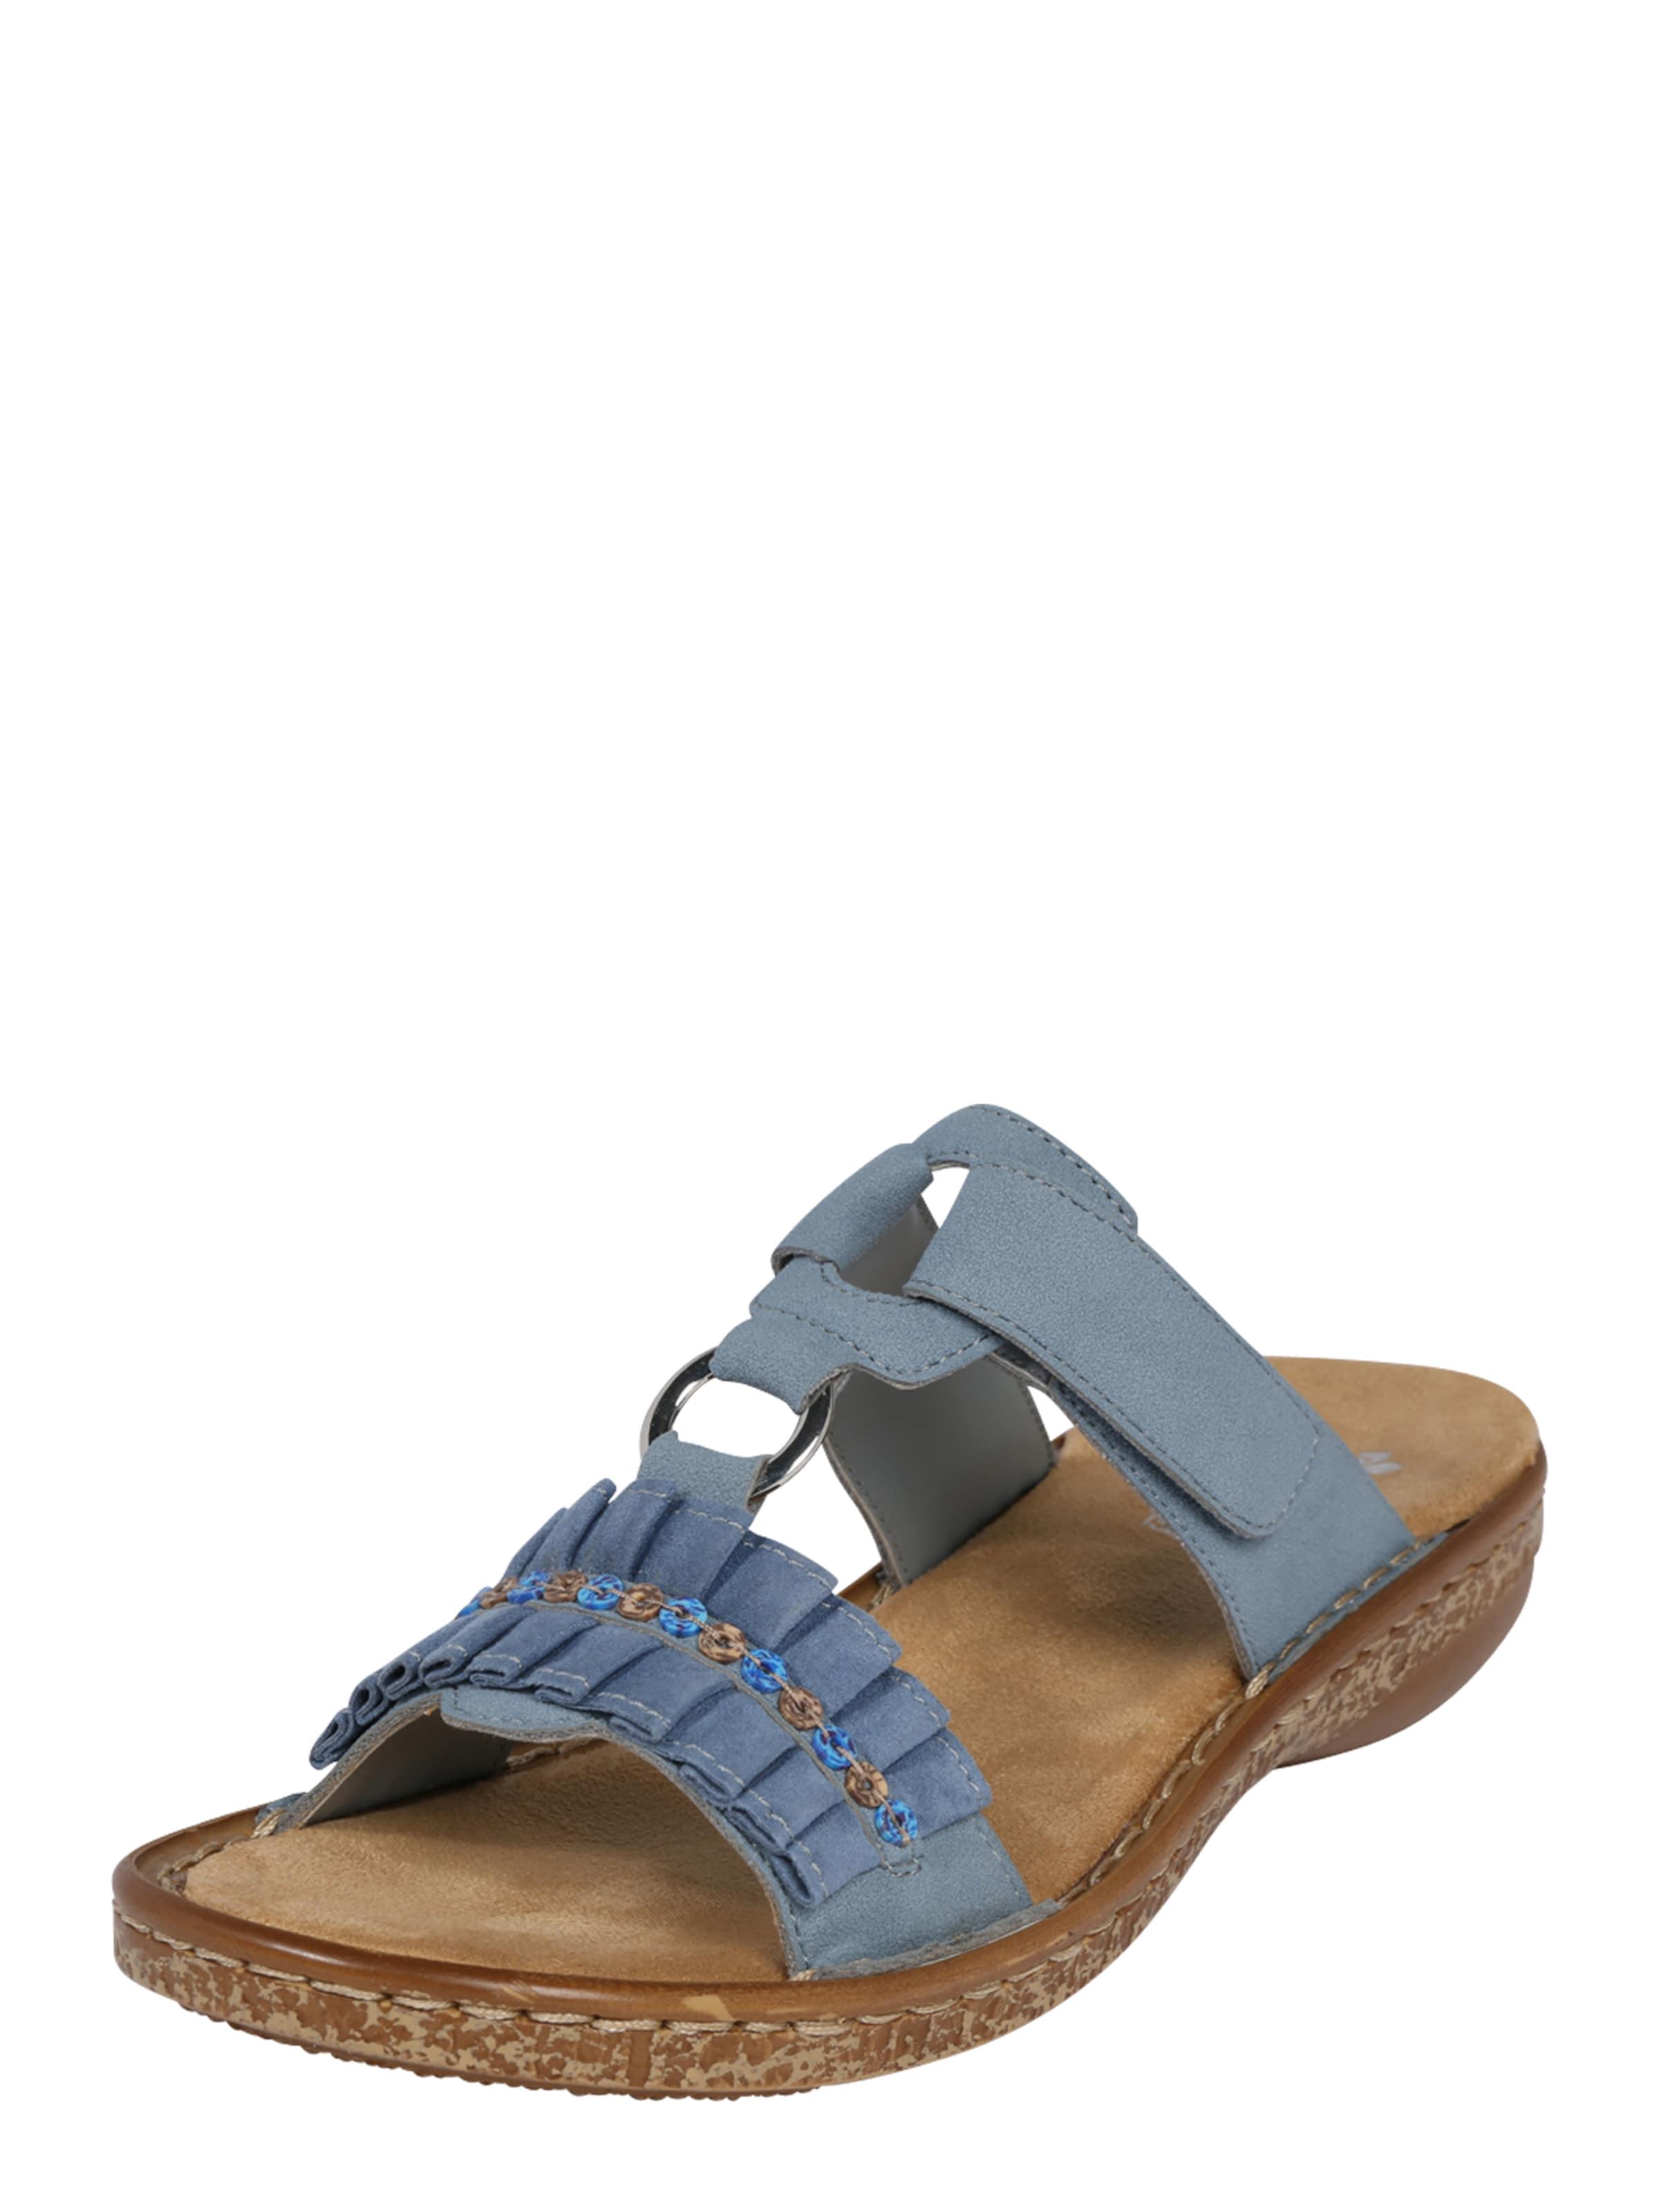 RIEKER Sandaal in Azuur Open toe RIE1129001000001